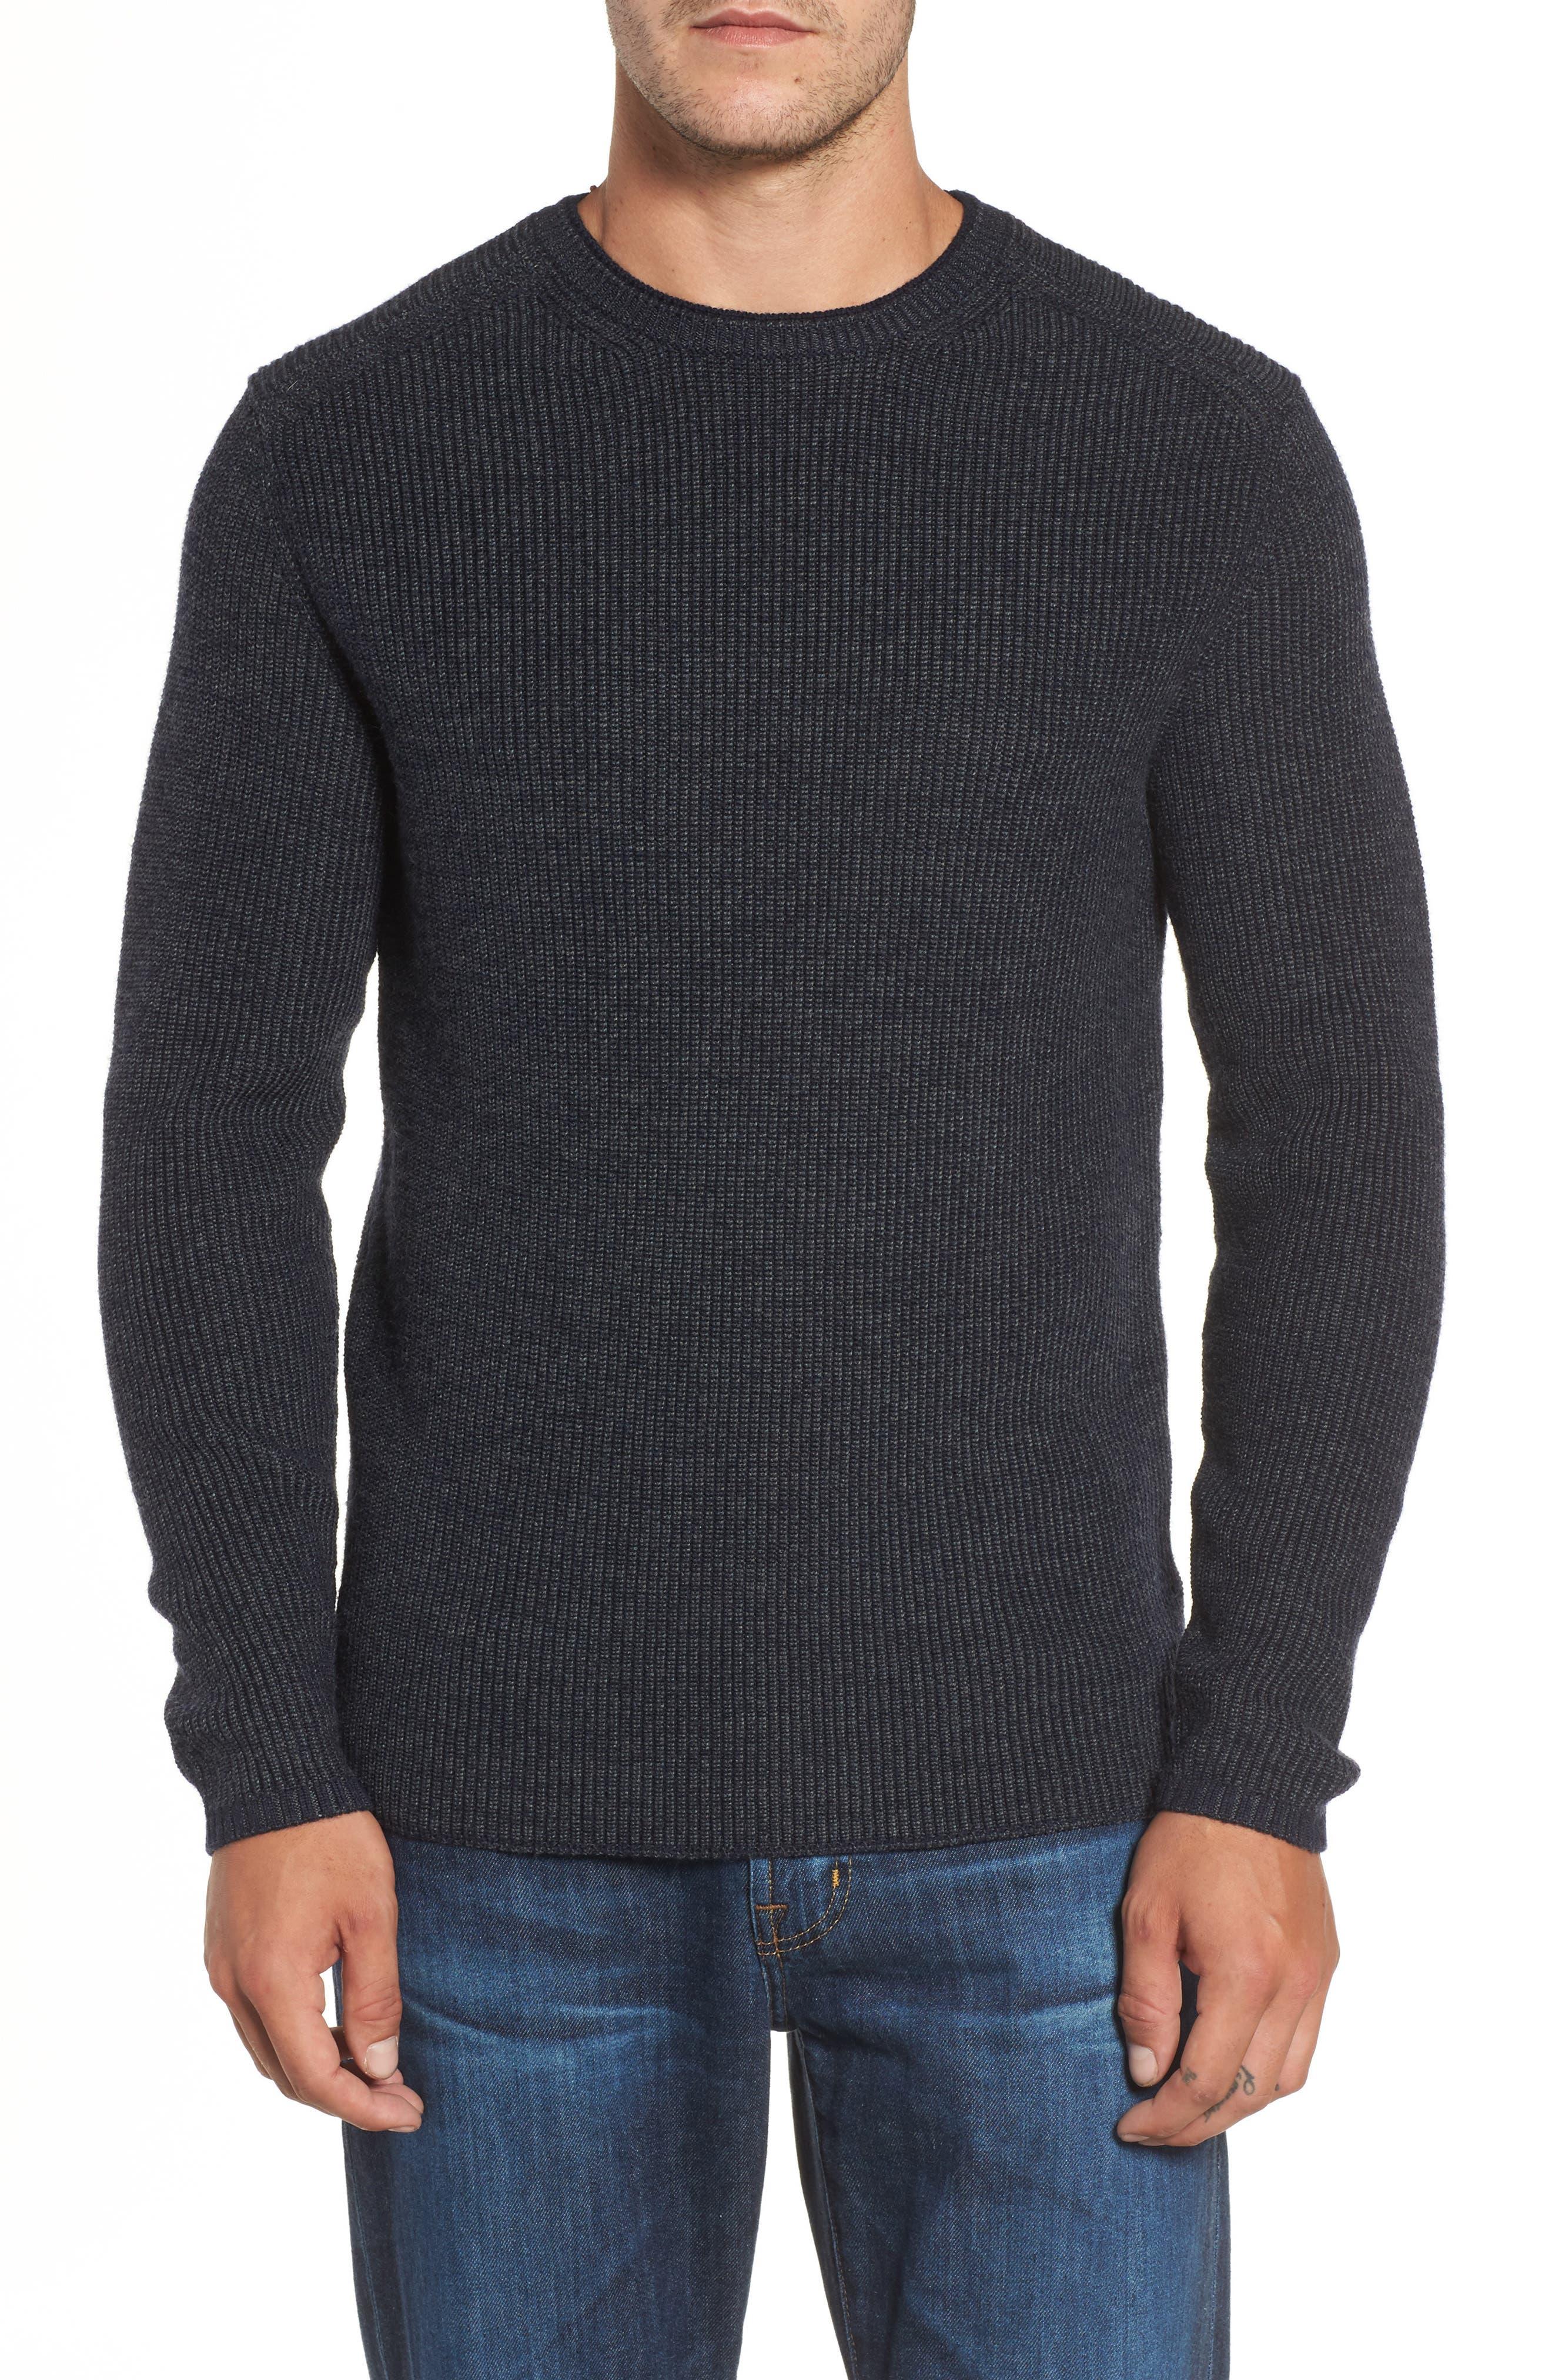 Main Image - Rodd & Gunn Whalers Bay Ribbed Merino Wool Sweater